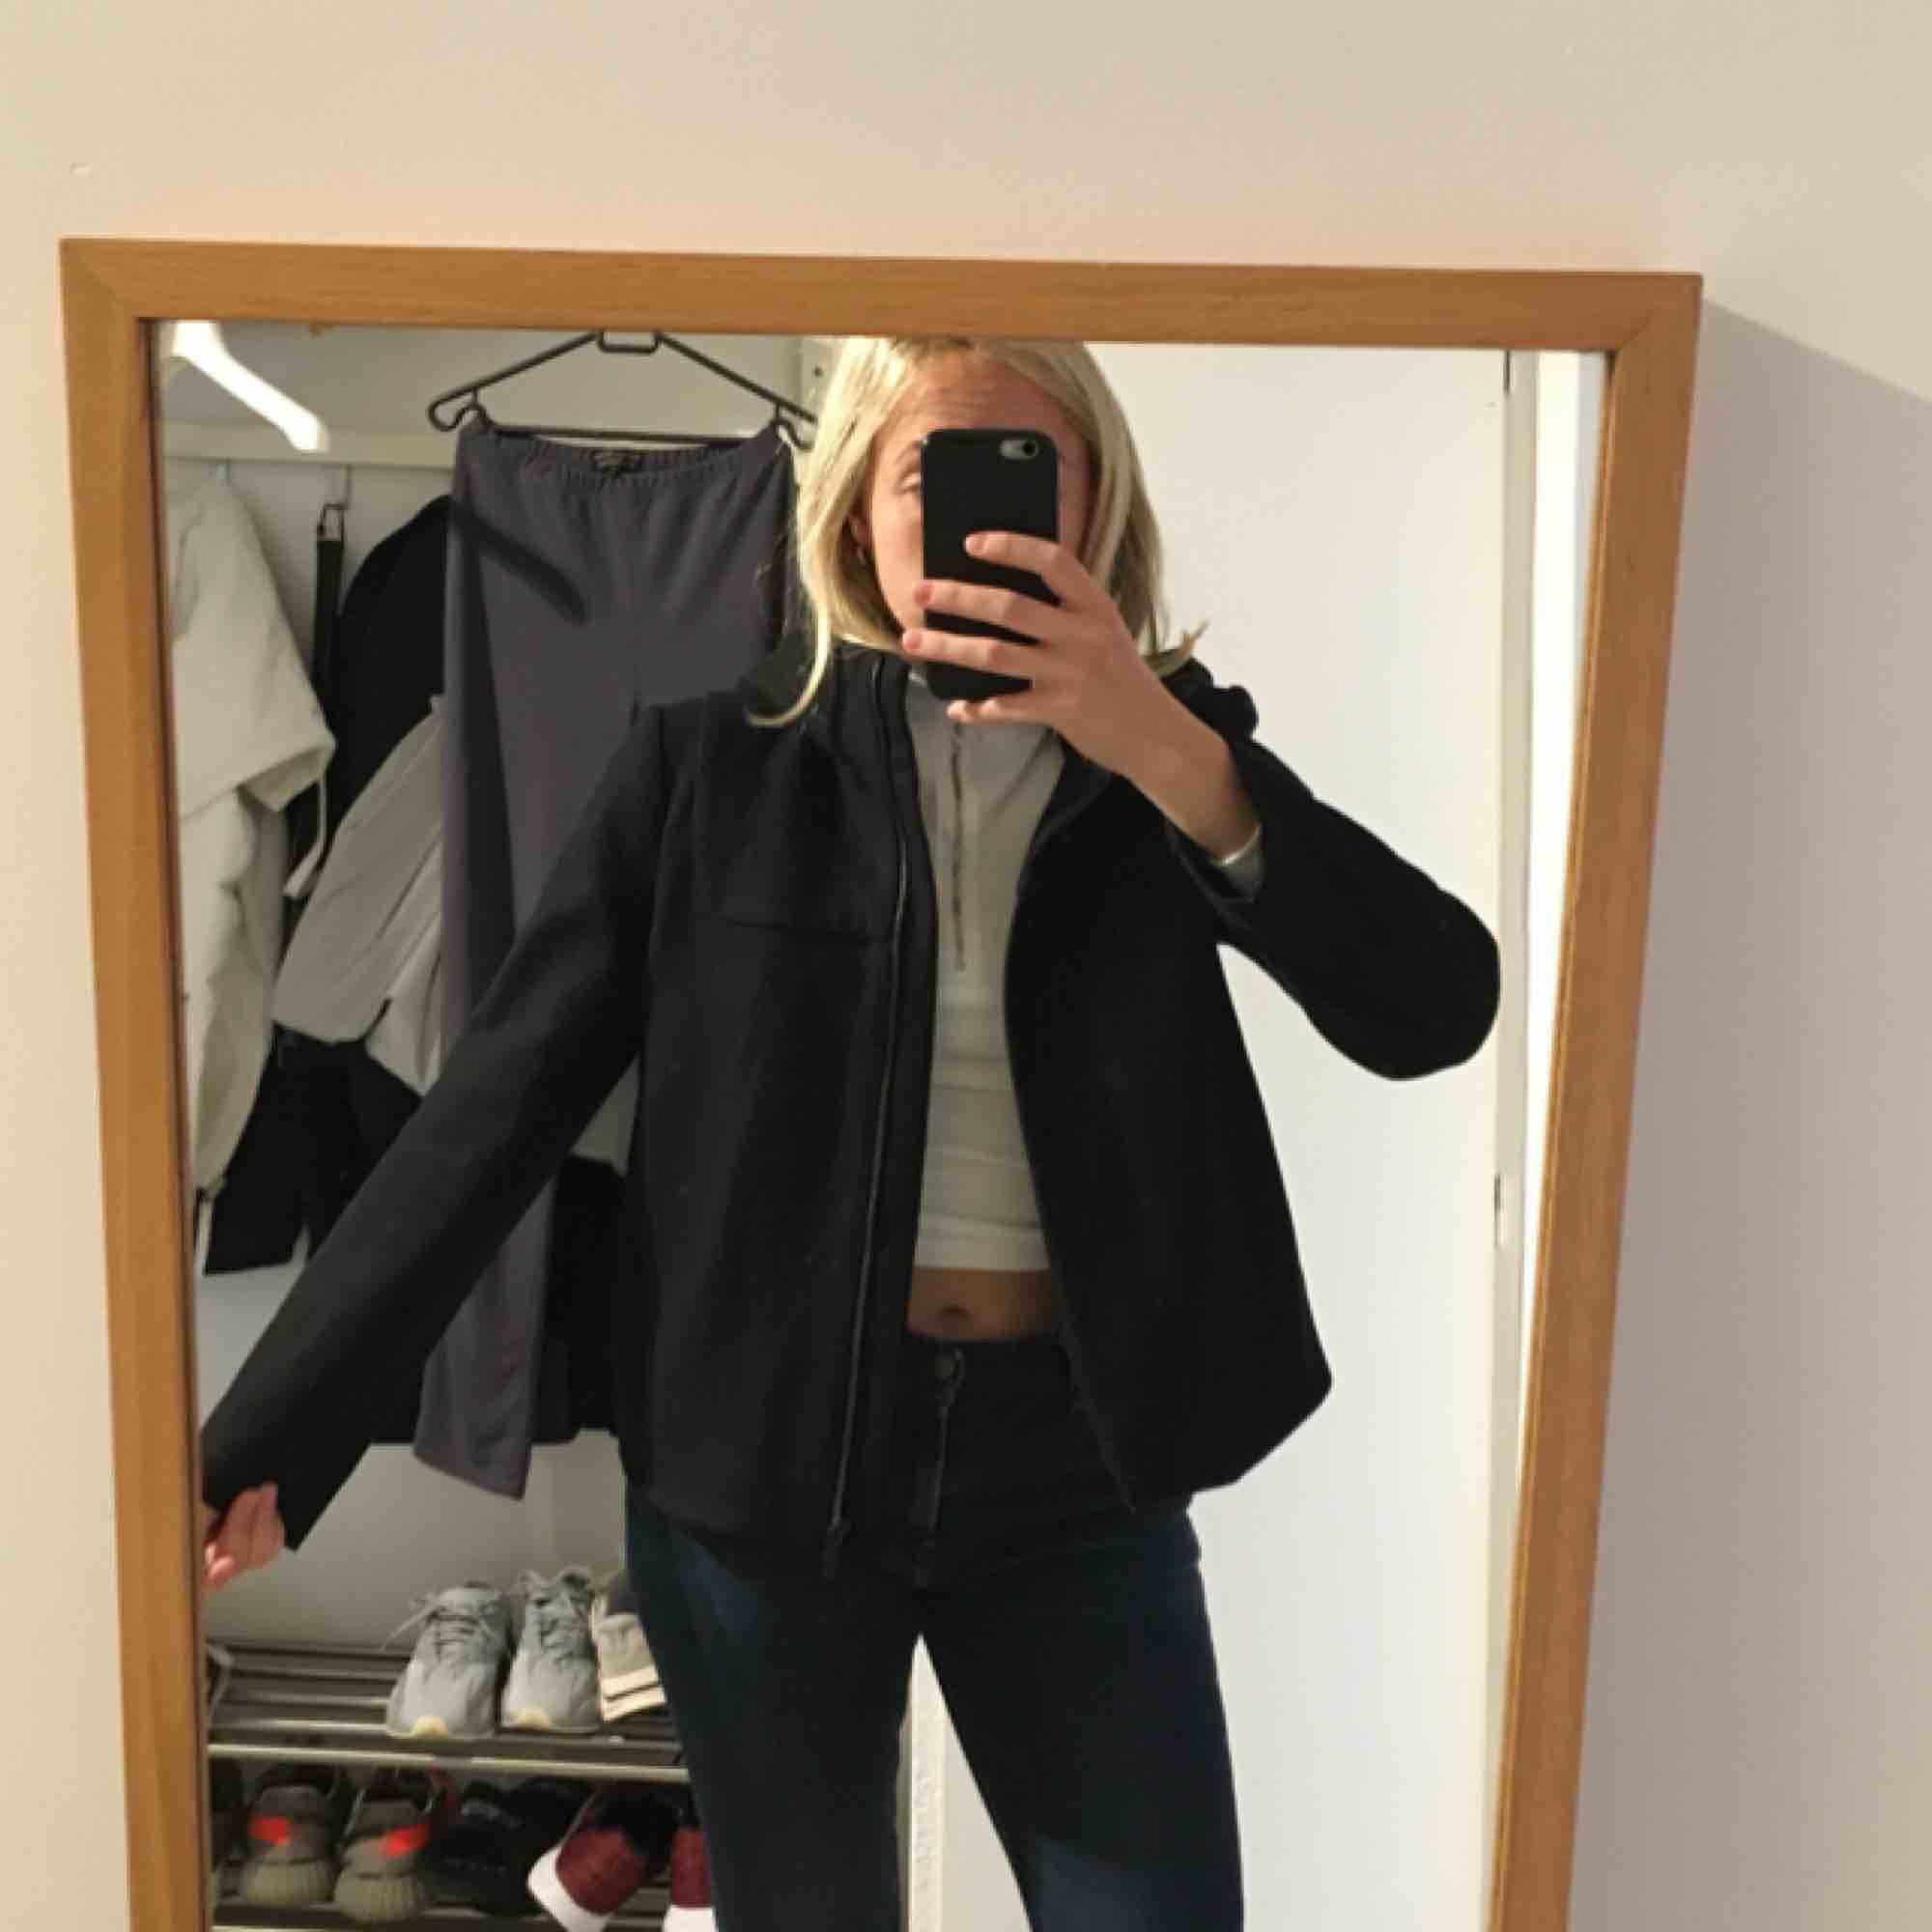 Svart jättefin jacka i 80% ull från COS. Midjekort med stor huva och rymliga fickor. Jackan är tunn men varm även under vintern då den är av ull, dessutom bred i modellen så den rymmer flera tröjor under! . Jackor.